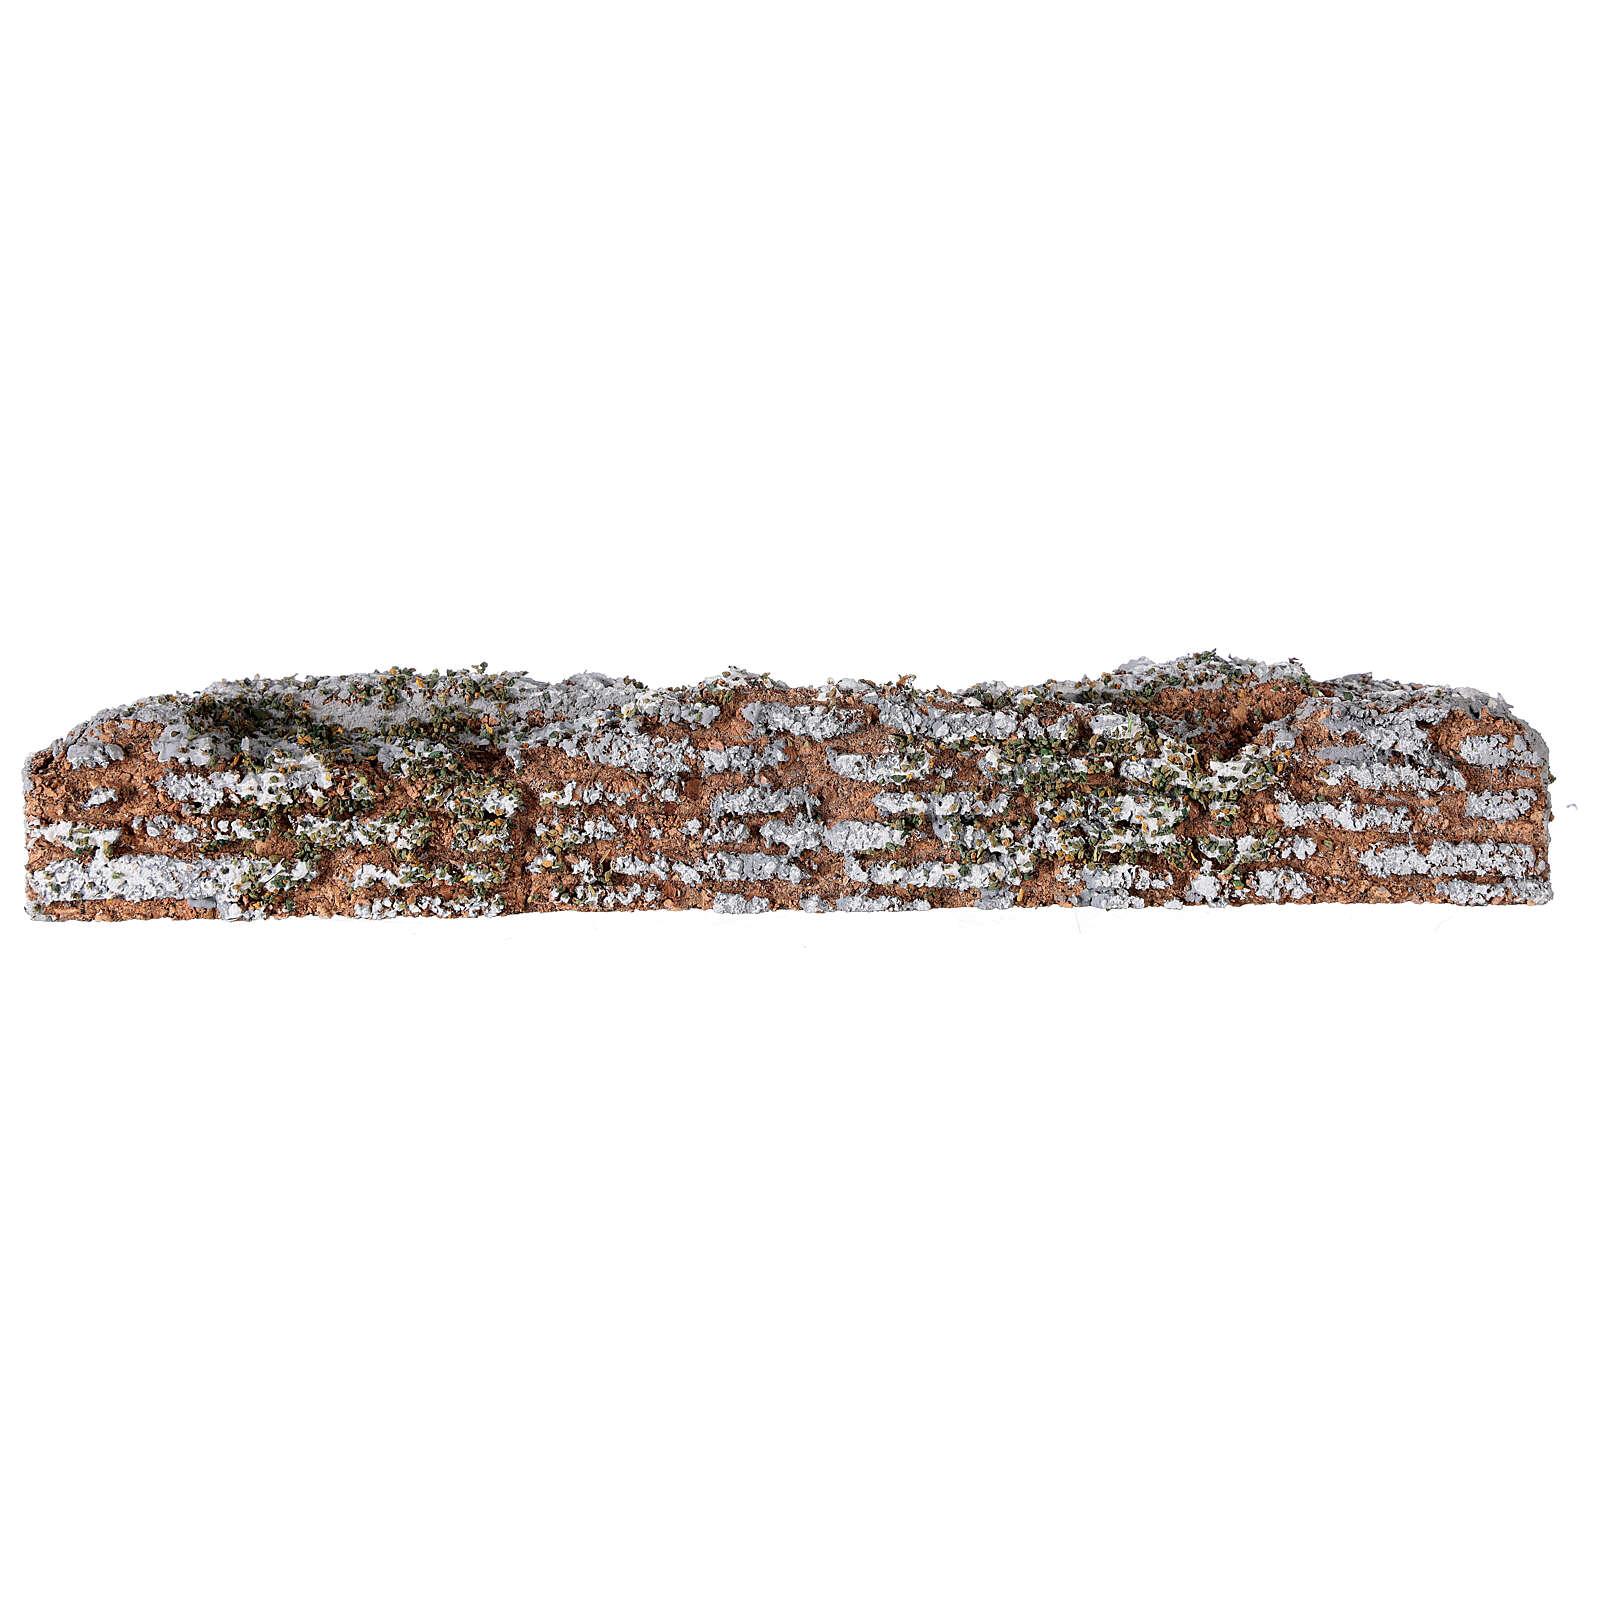 Muro de cortiça miniatura presépio; medidas: 19x2x3 cm 4